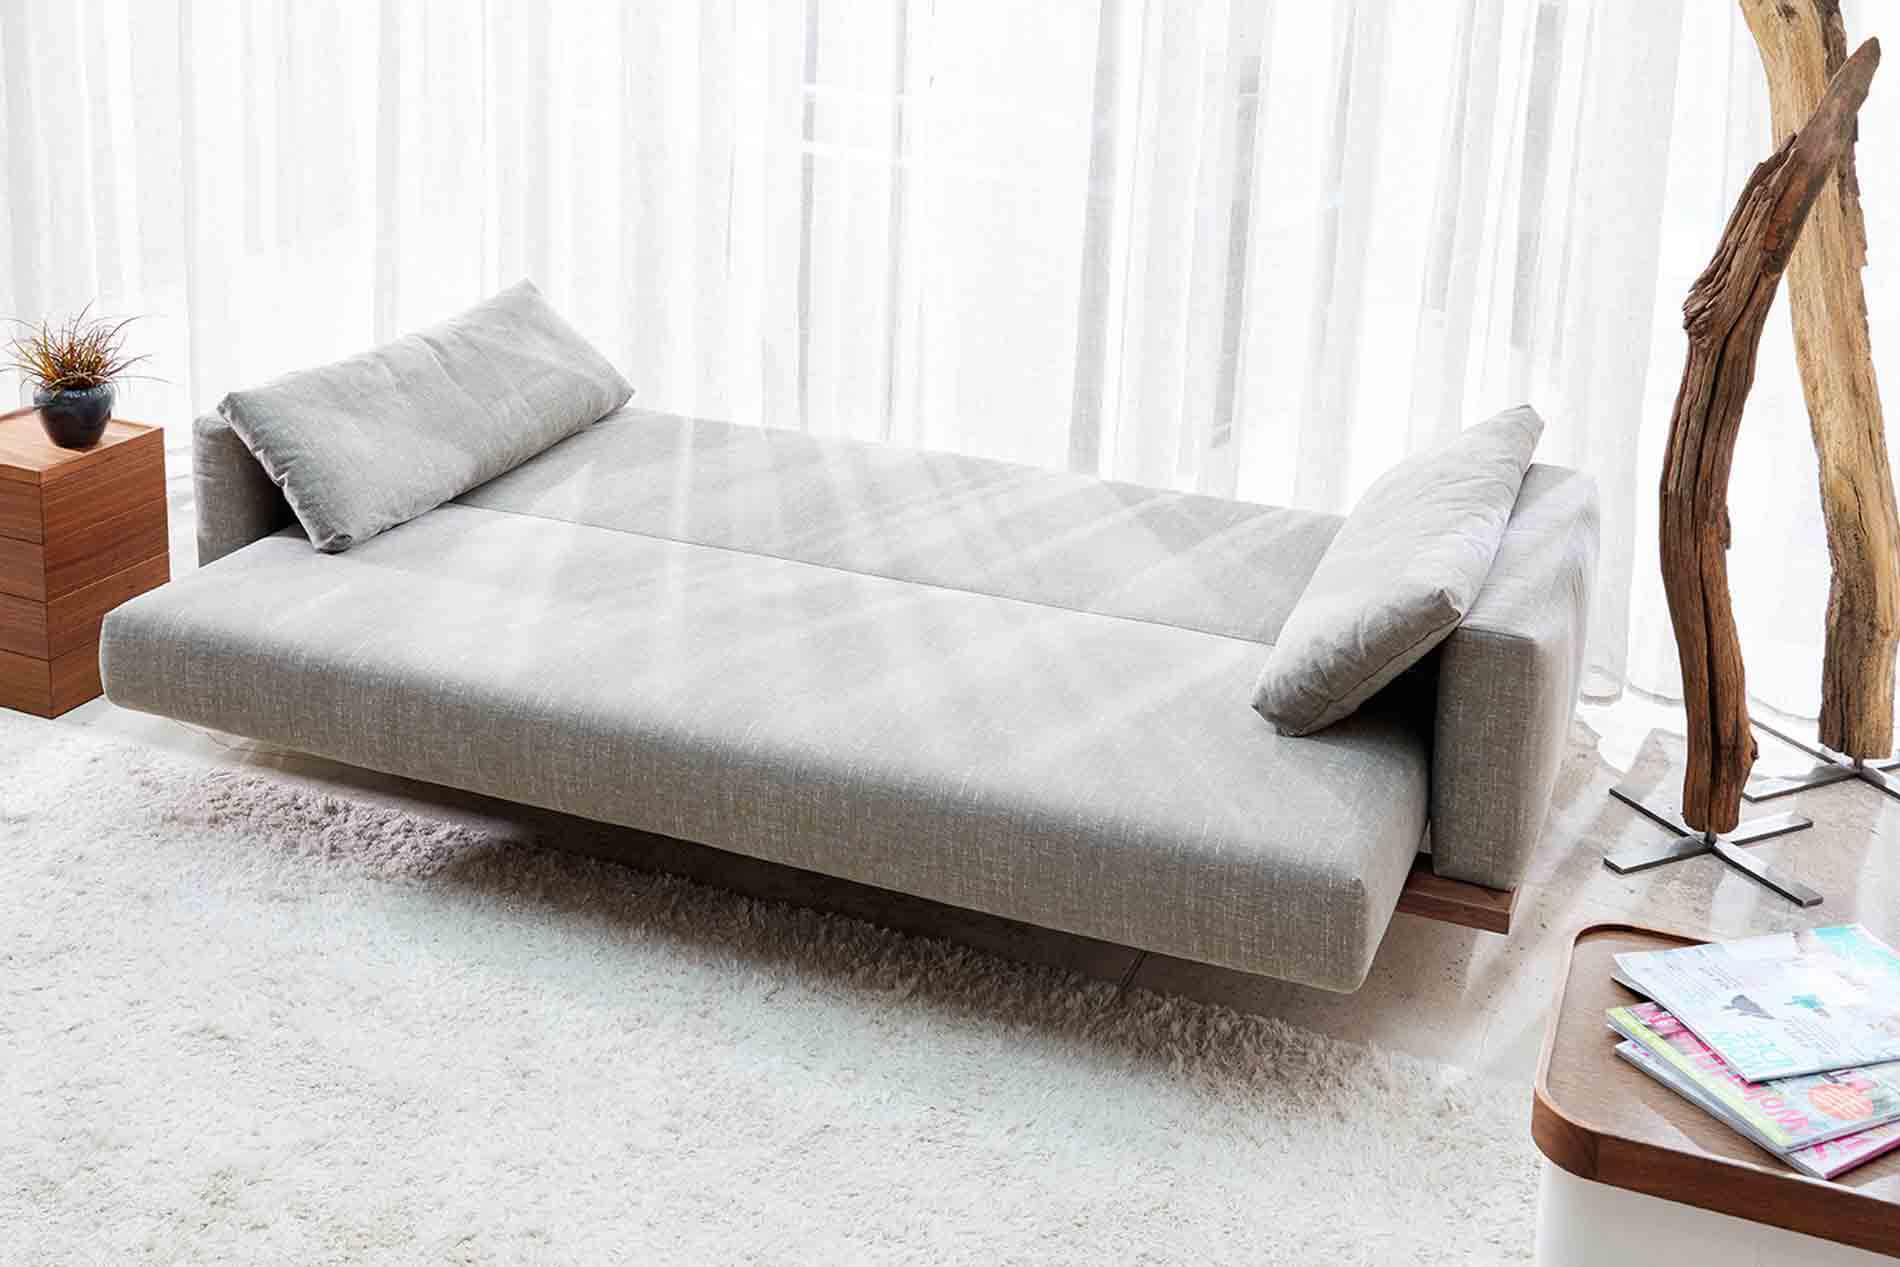 schlafsofas kostenlos sommer bettdecken baumwolle baby ab wann kopfkissen ikea schlafzimmer. Black Bedroom Furniture Sets. Home Design Ideas